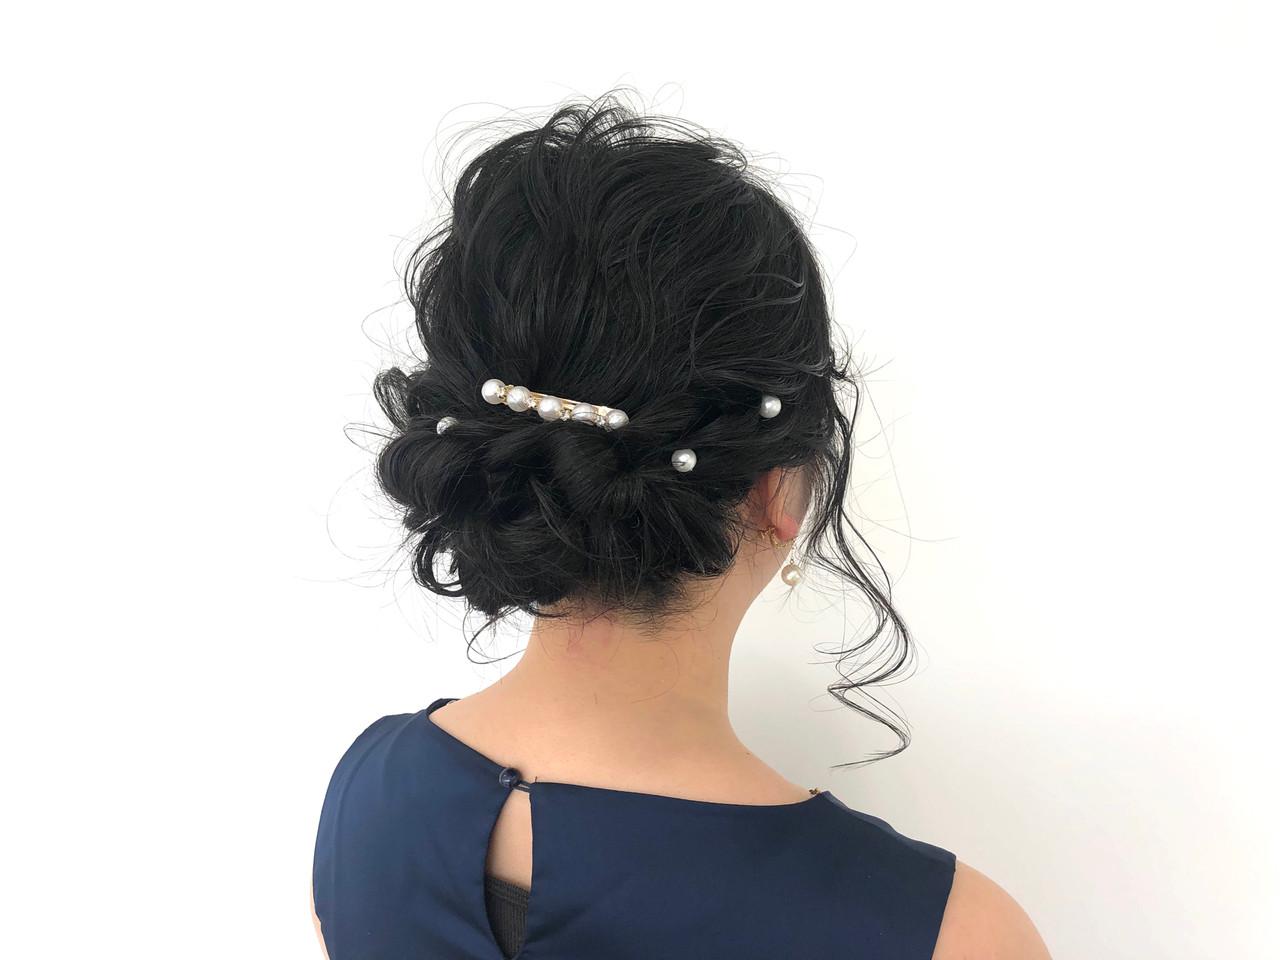 簡単ヘアアレンジ セミロング フェミニン ヘアアレンジ ヘアスタイルや髪型の写真・画像 | 玉置 泉 / 面貸し美容室